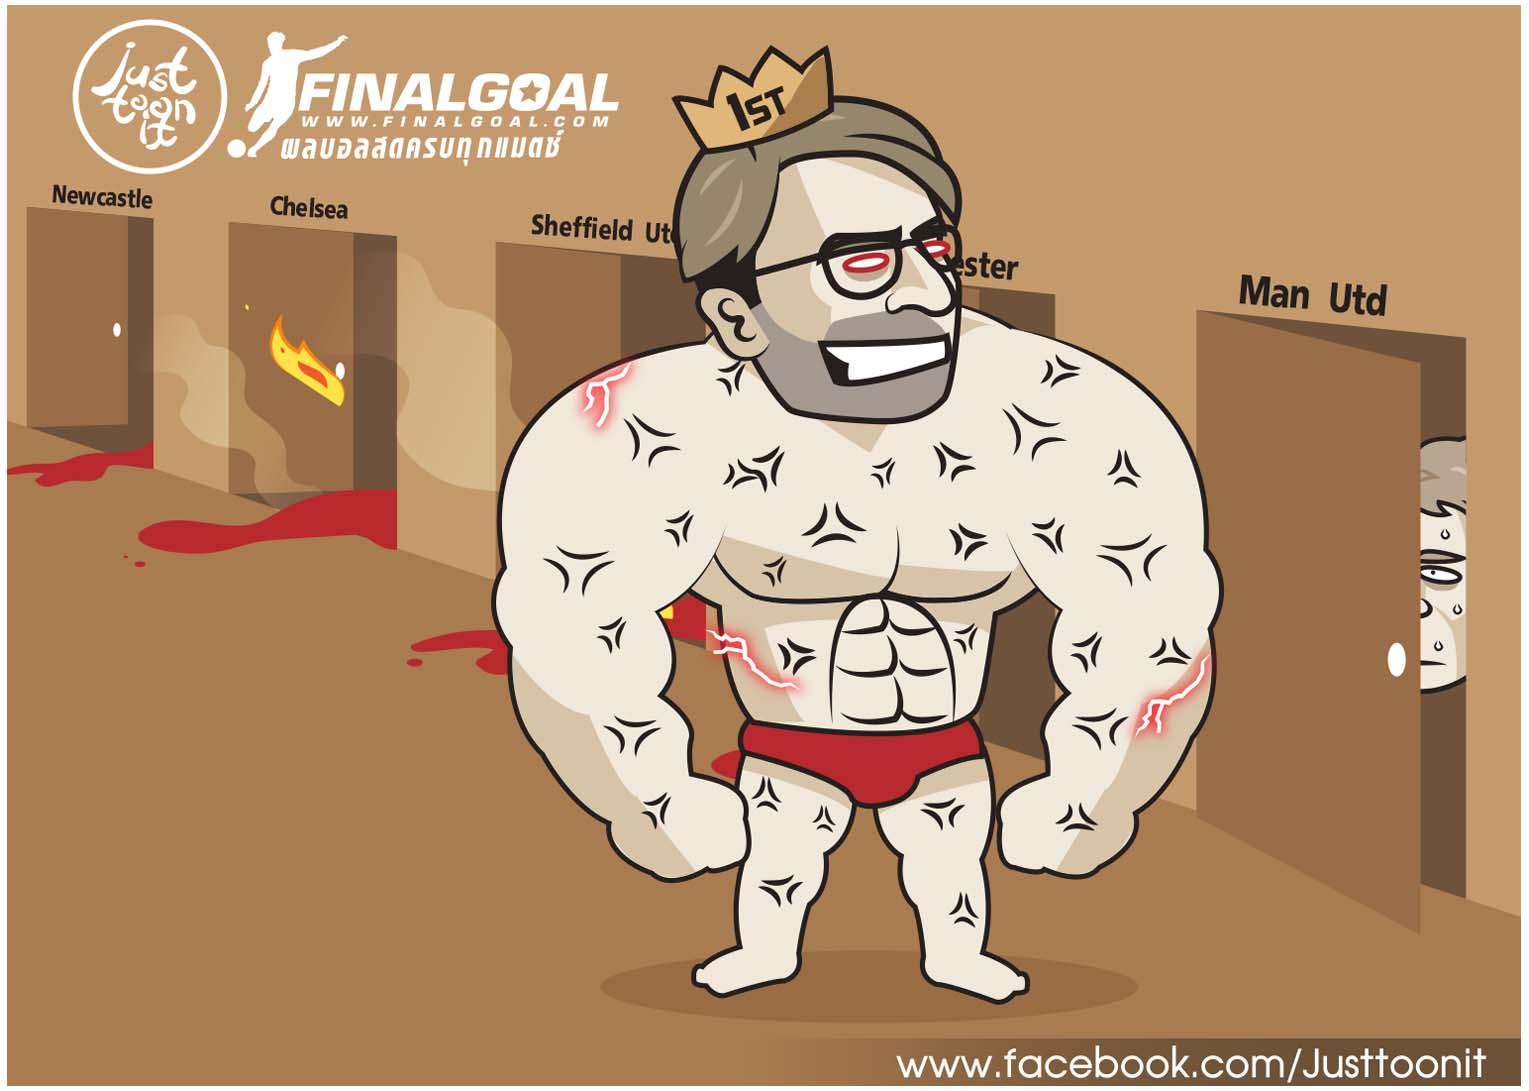 Cười vỡ bụng với loạt ảnh chế trước trận Man Utd - Liverpool - Bóng Đá